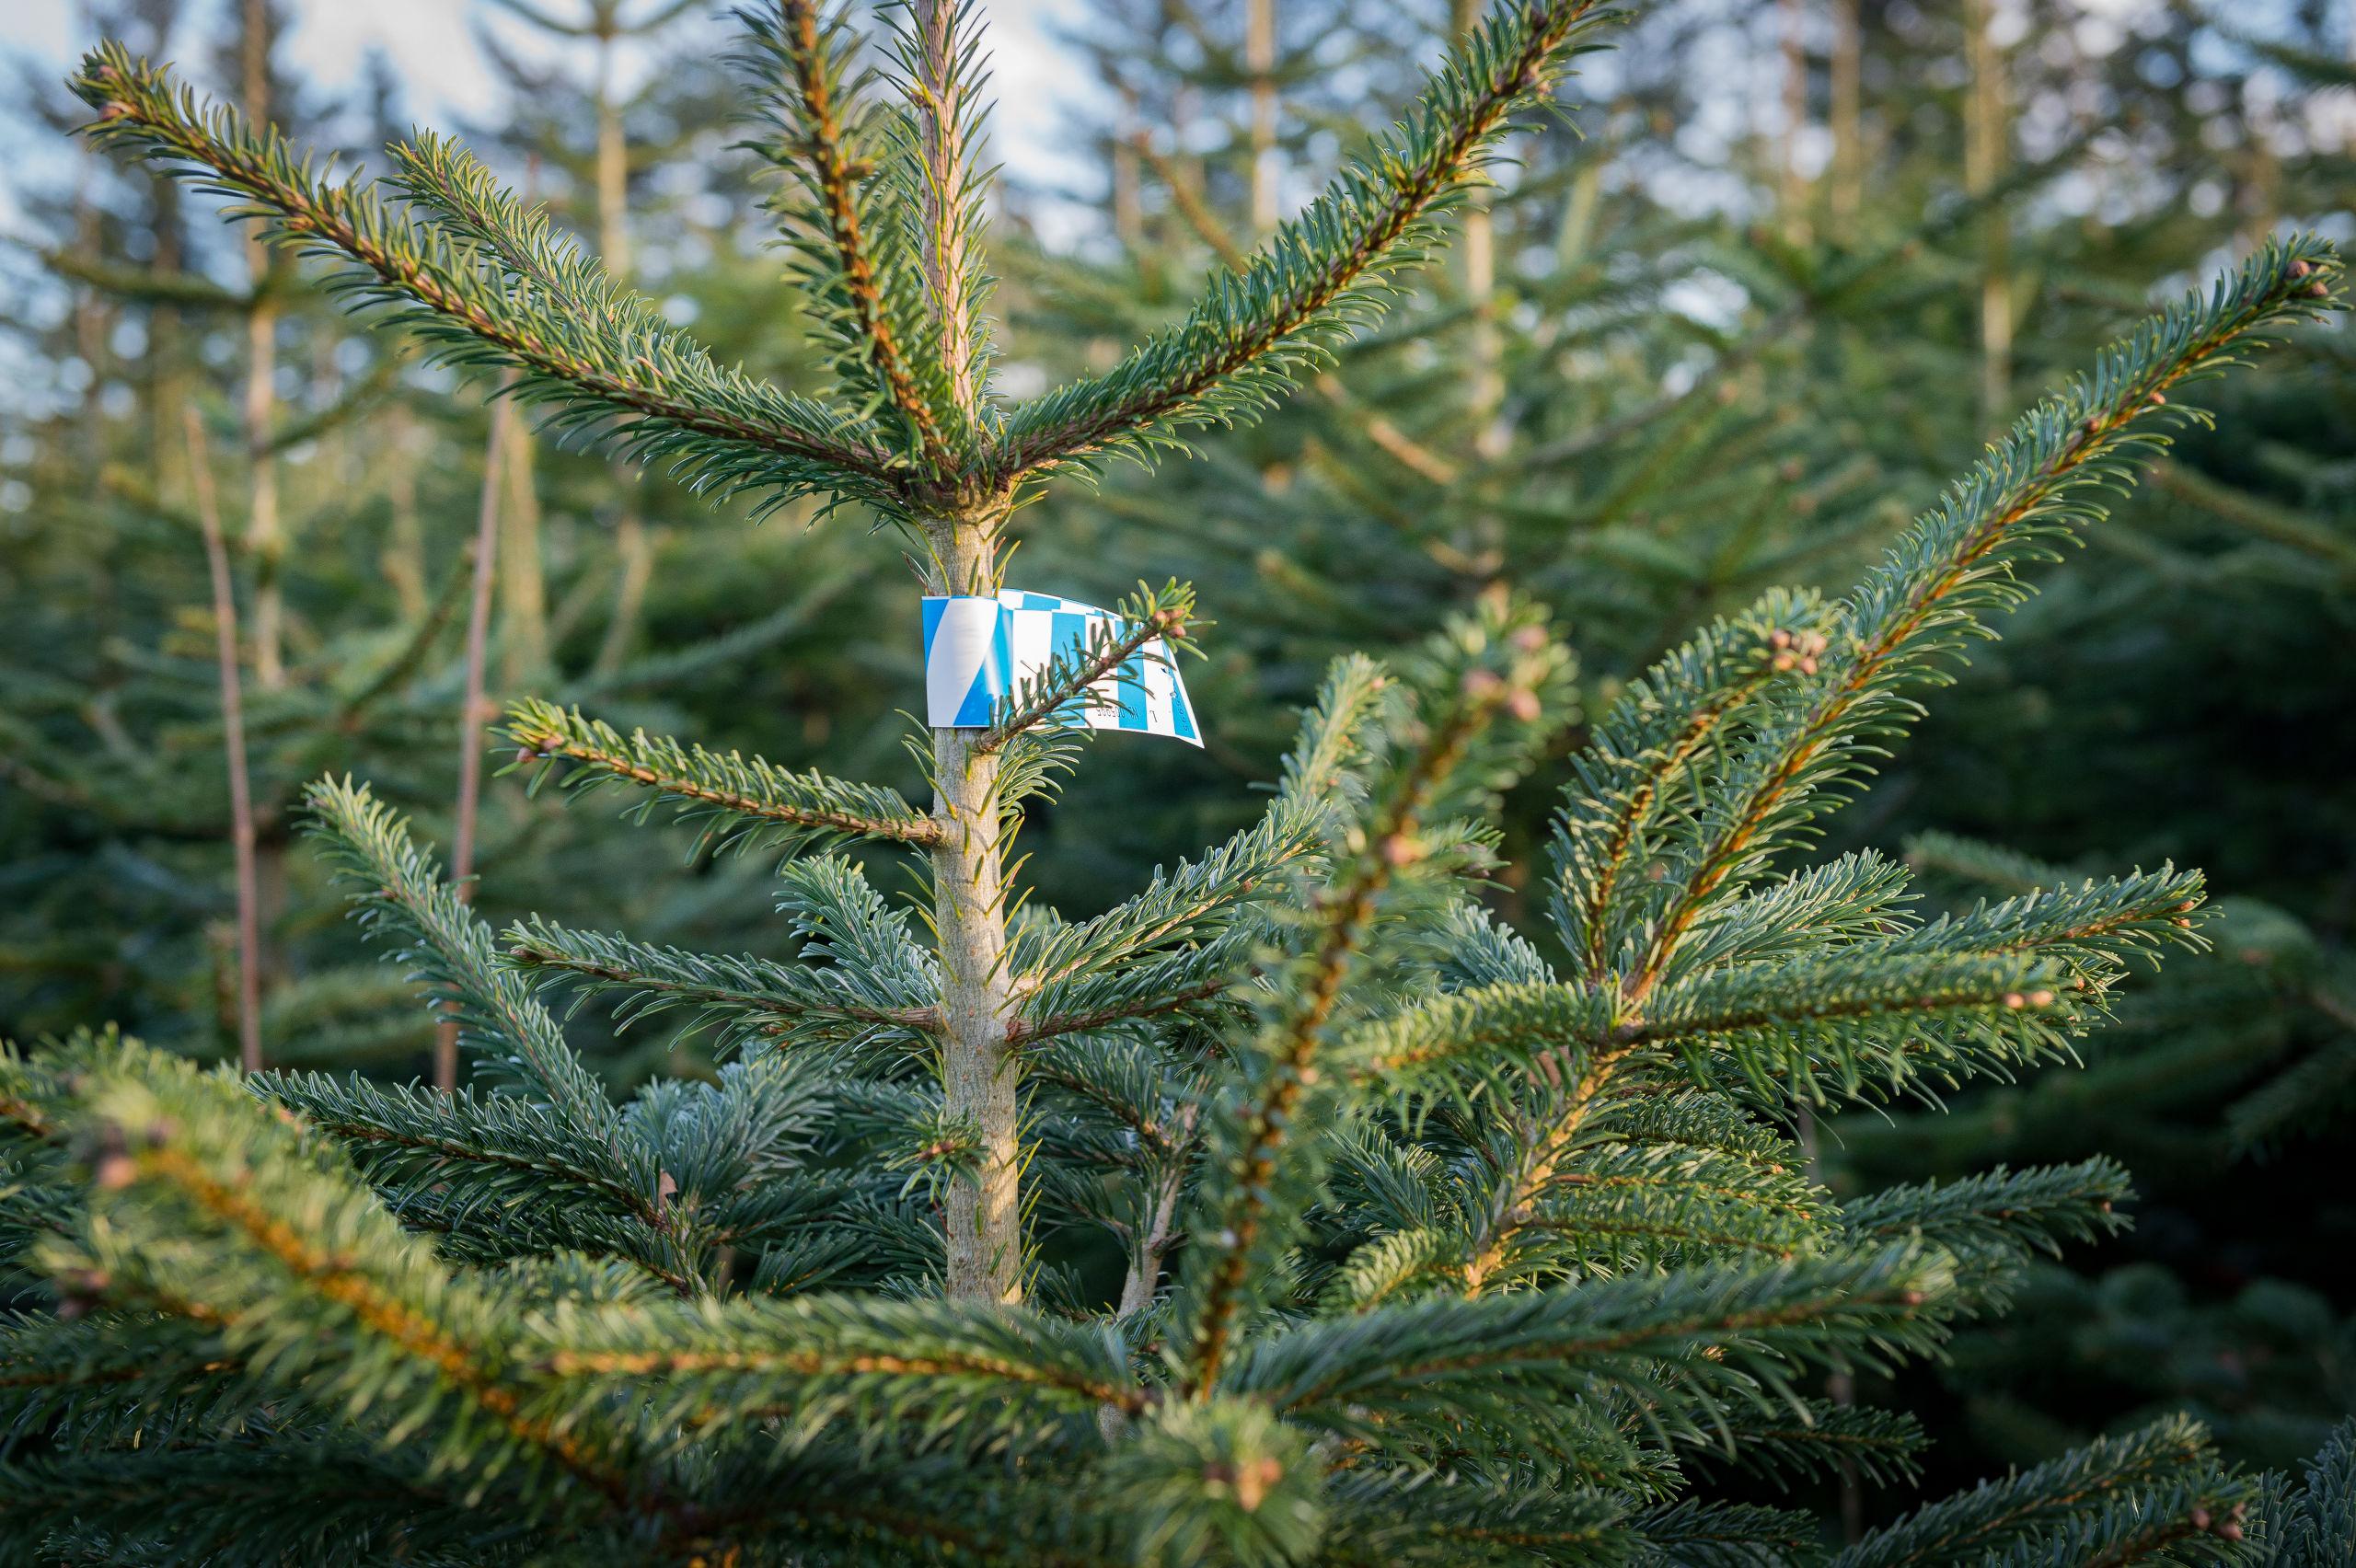 Nordmannsgranen er det mest populære juletræ i Danmark efterfulgt af Rødgran og Nobilis.  Arkivfoto: Kim Dahl Hansen